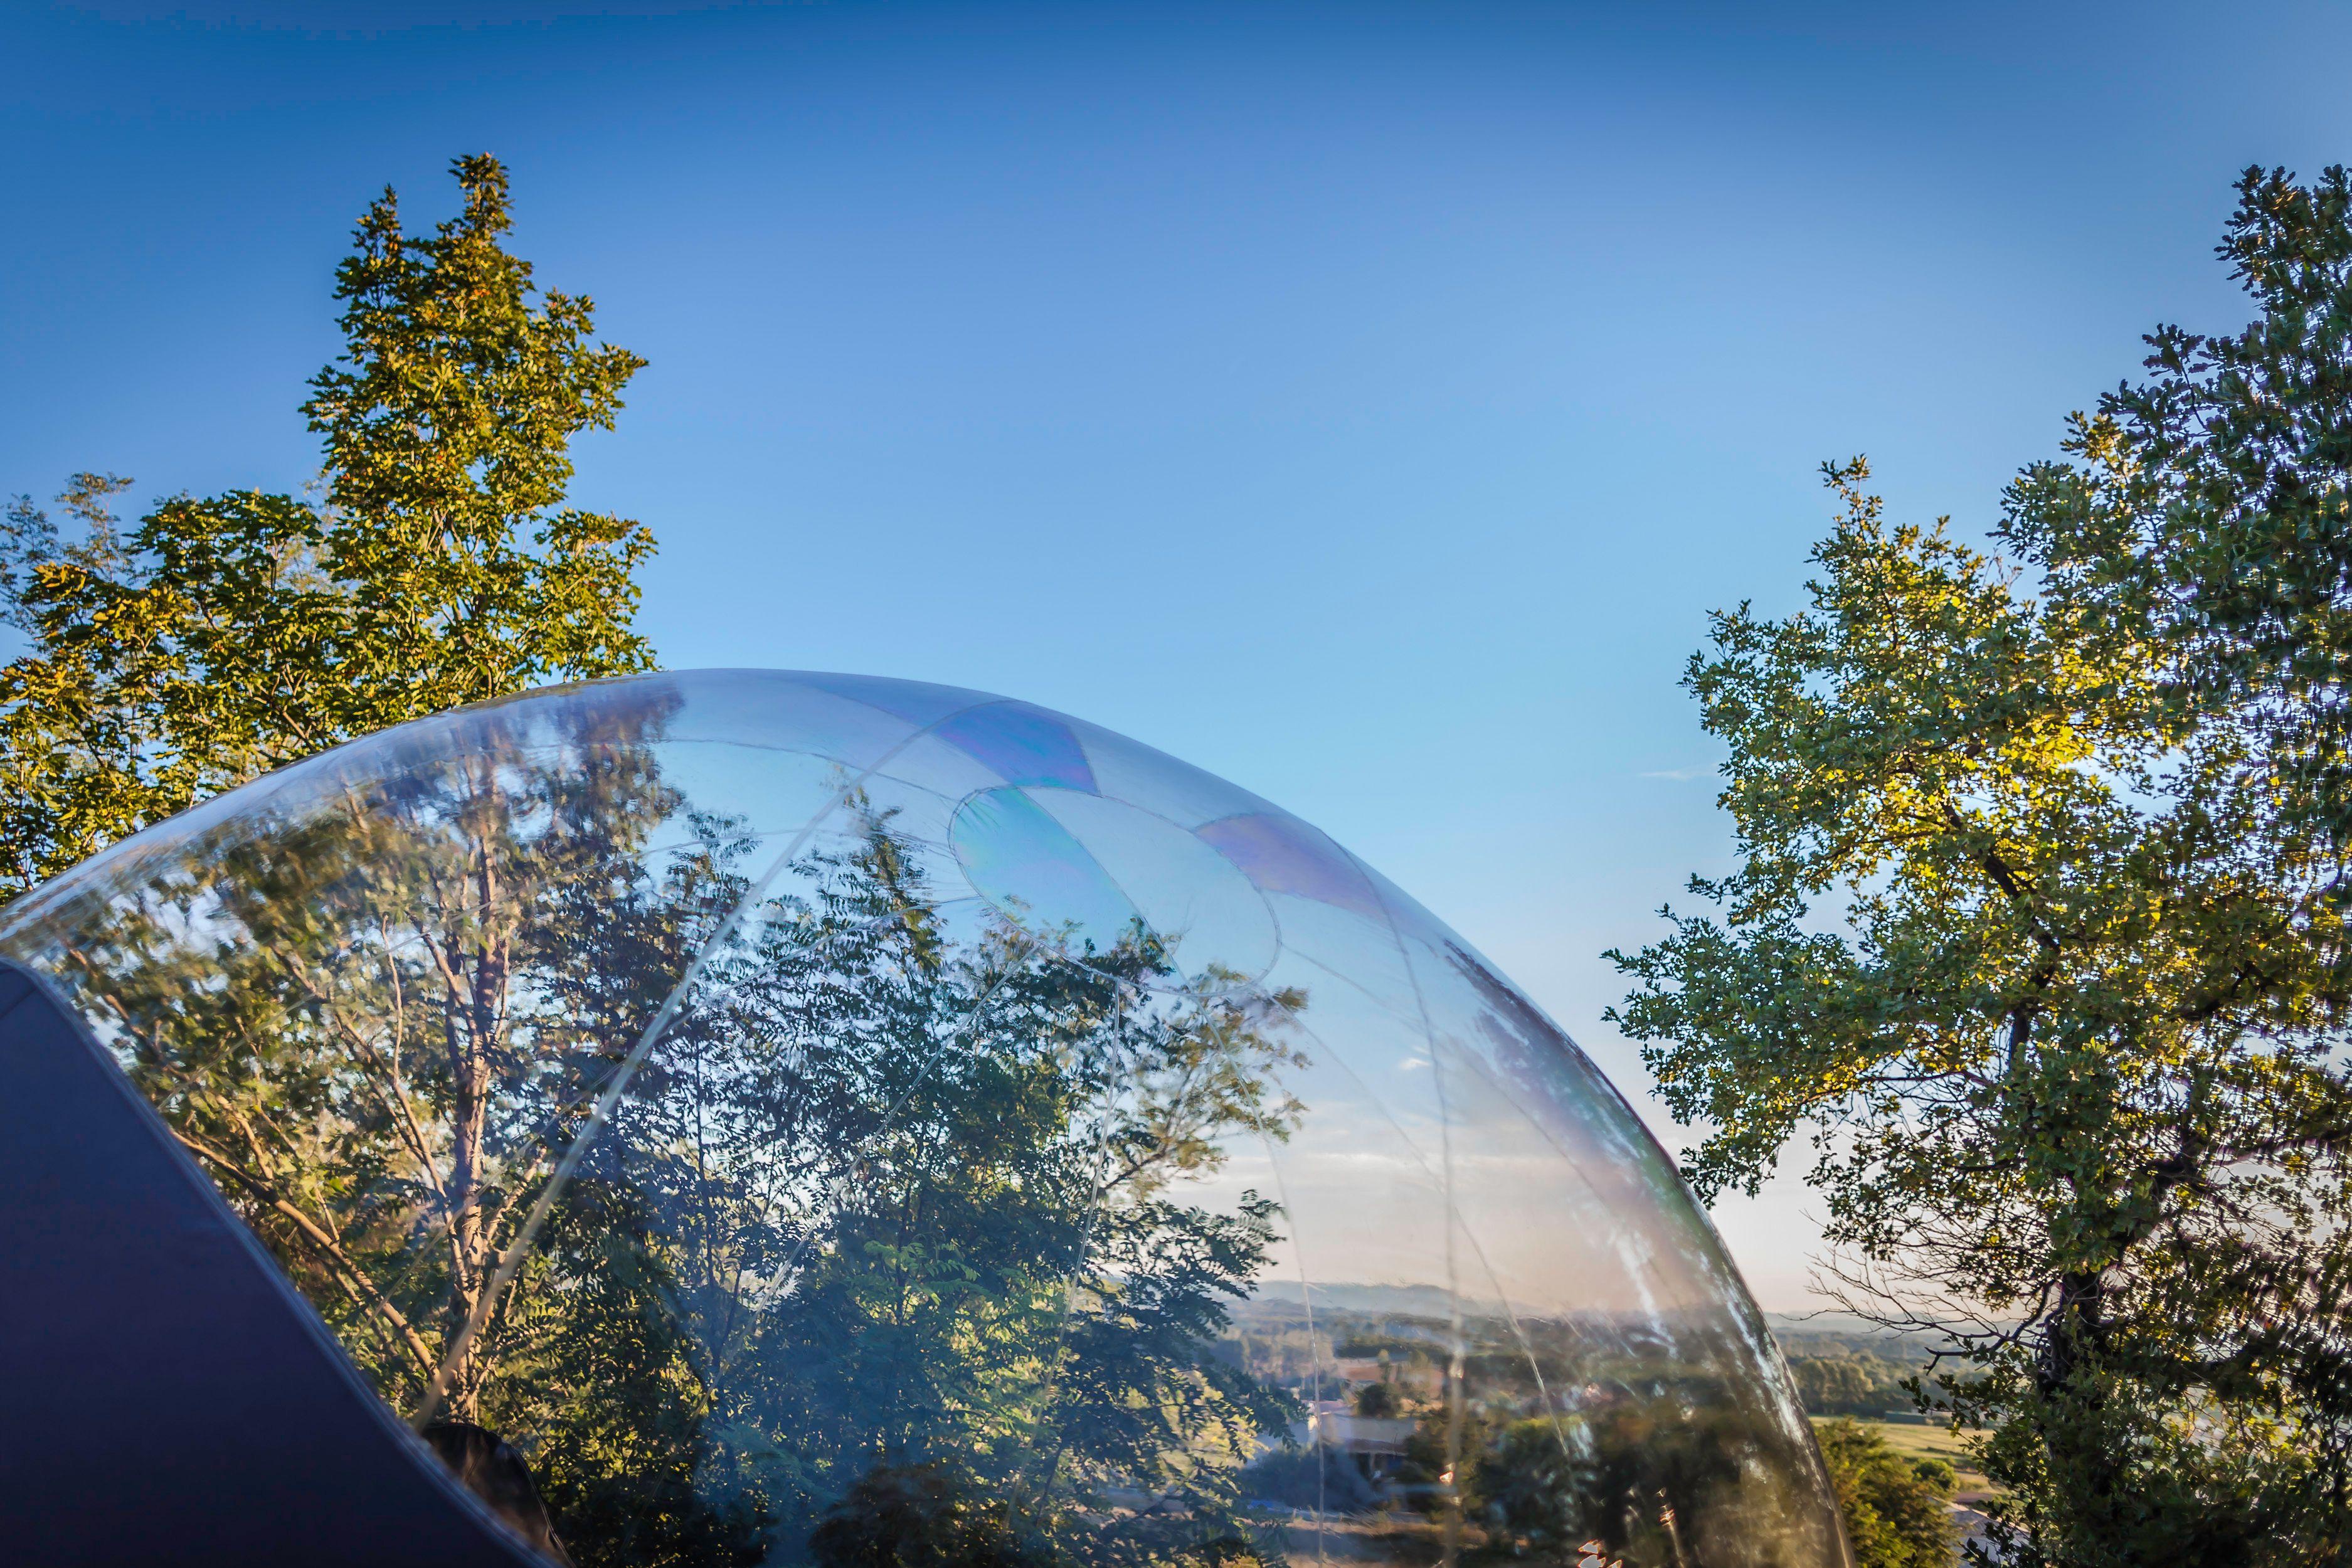 Le Dome De L Une De Nos Bulles Sous Un Ciel Bleu En Plein Ete Maisonsbulles Bulle Insolite Nature Nuit Avec Images Maison Bulle Nuit Insolite Hebergement Insolite